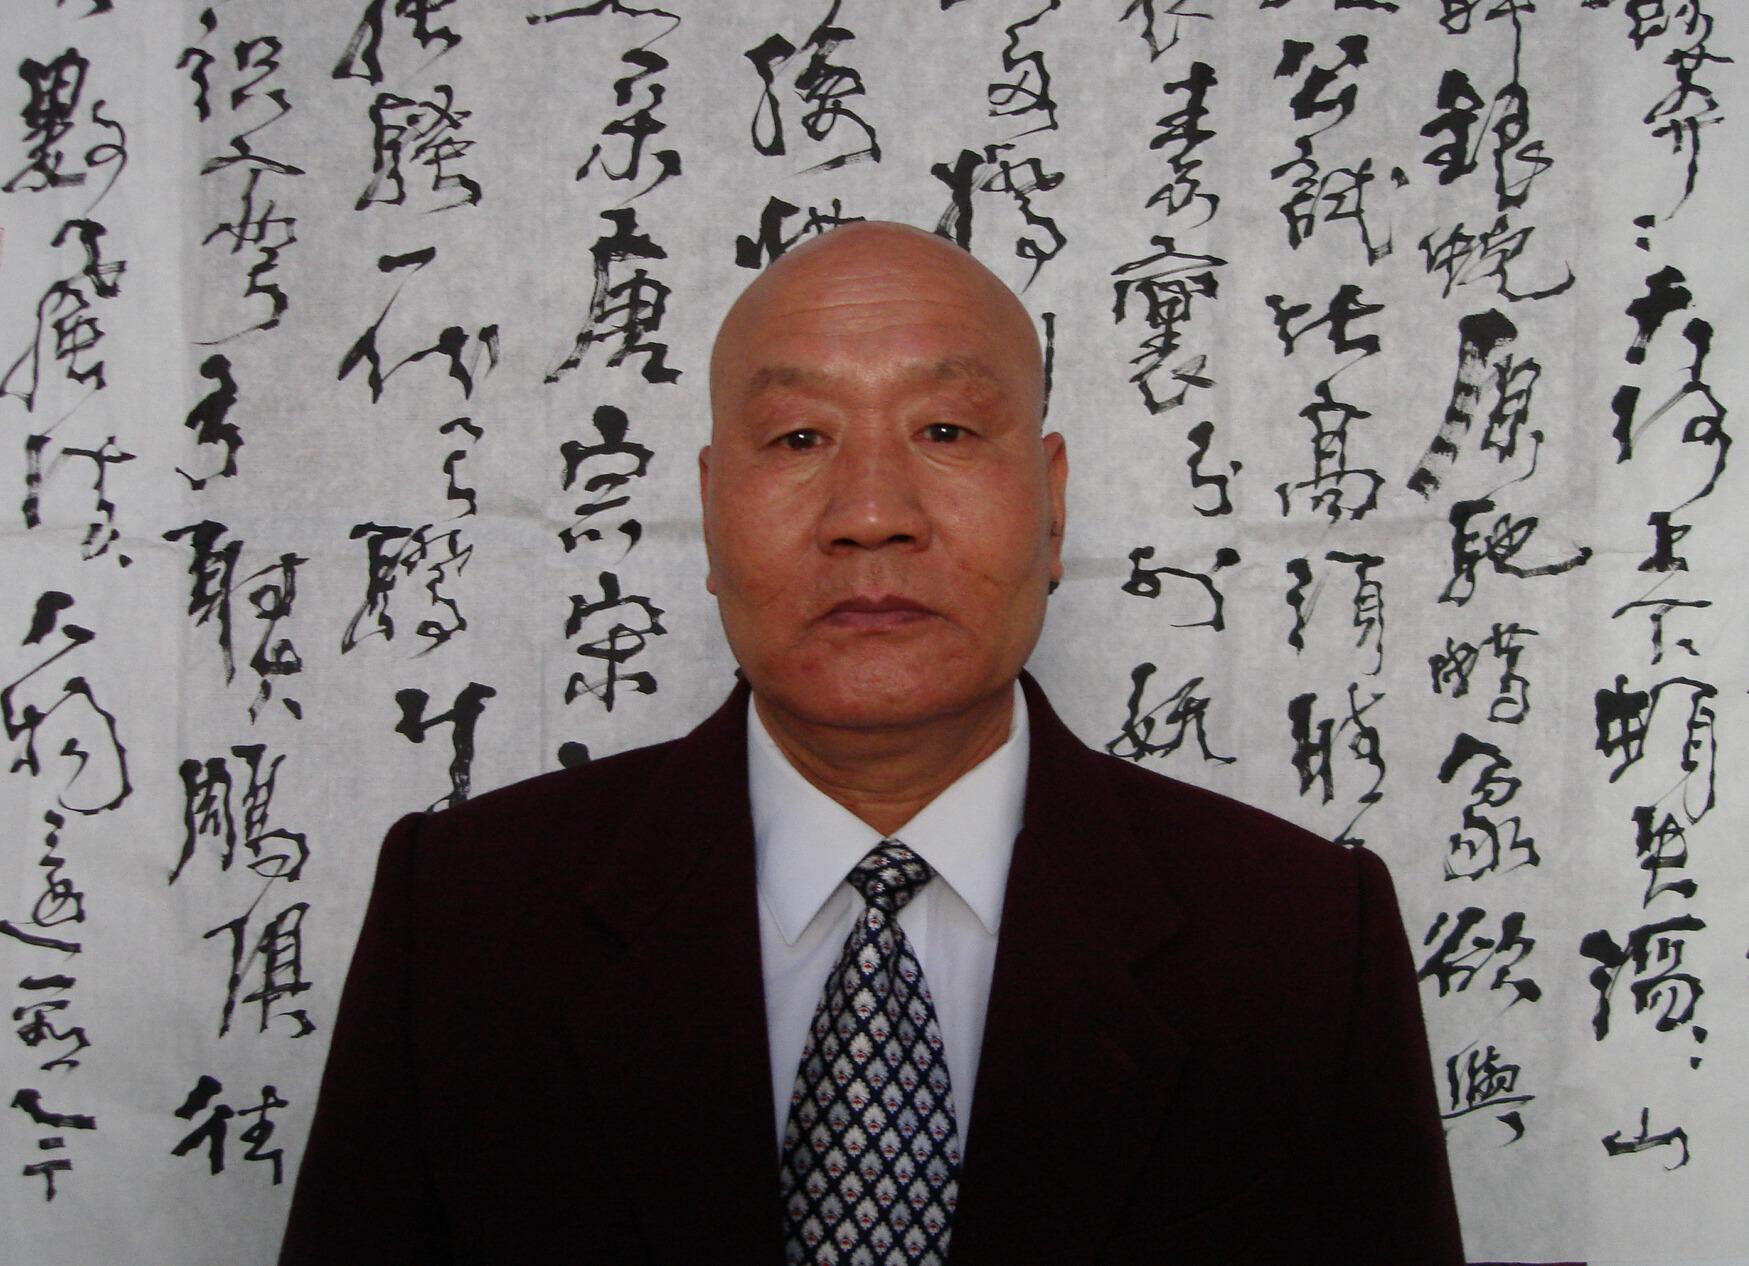 【书画名人】书法圣师―张秀民(图文)